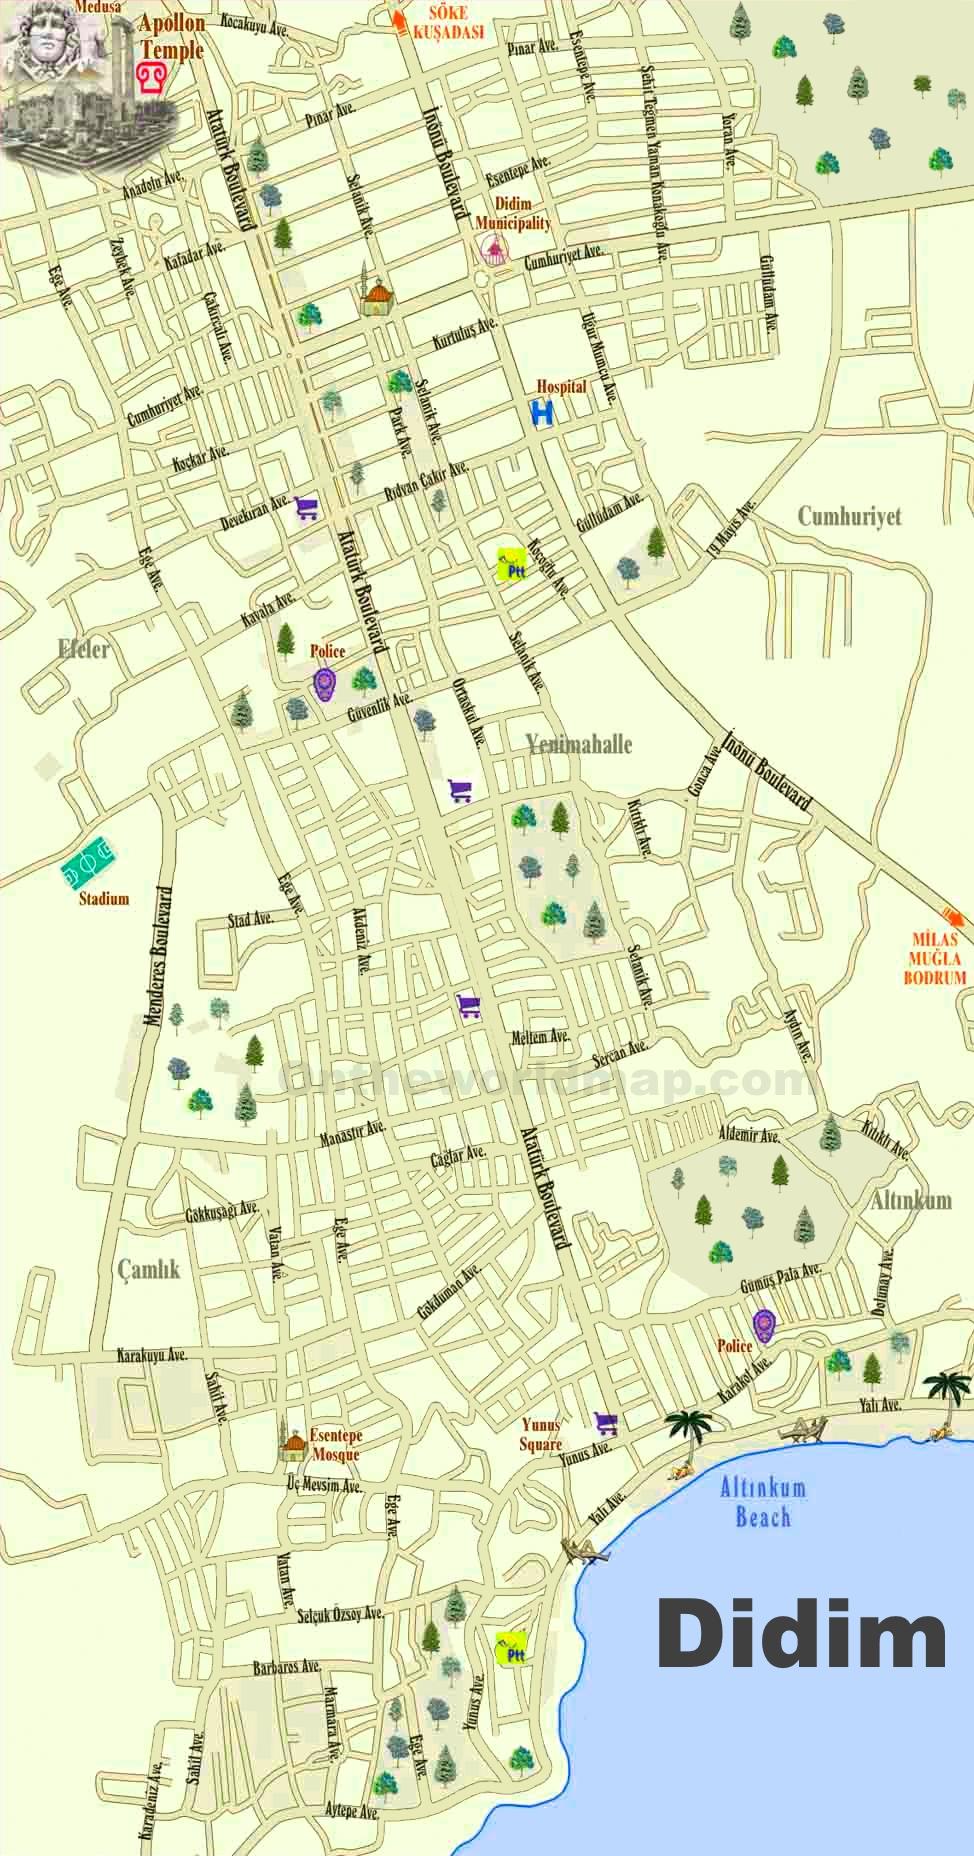 Didim tourist map